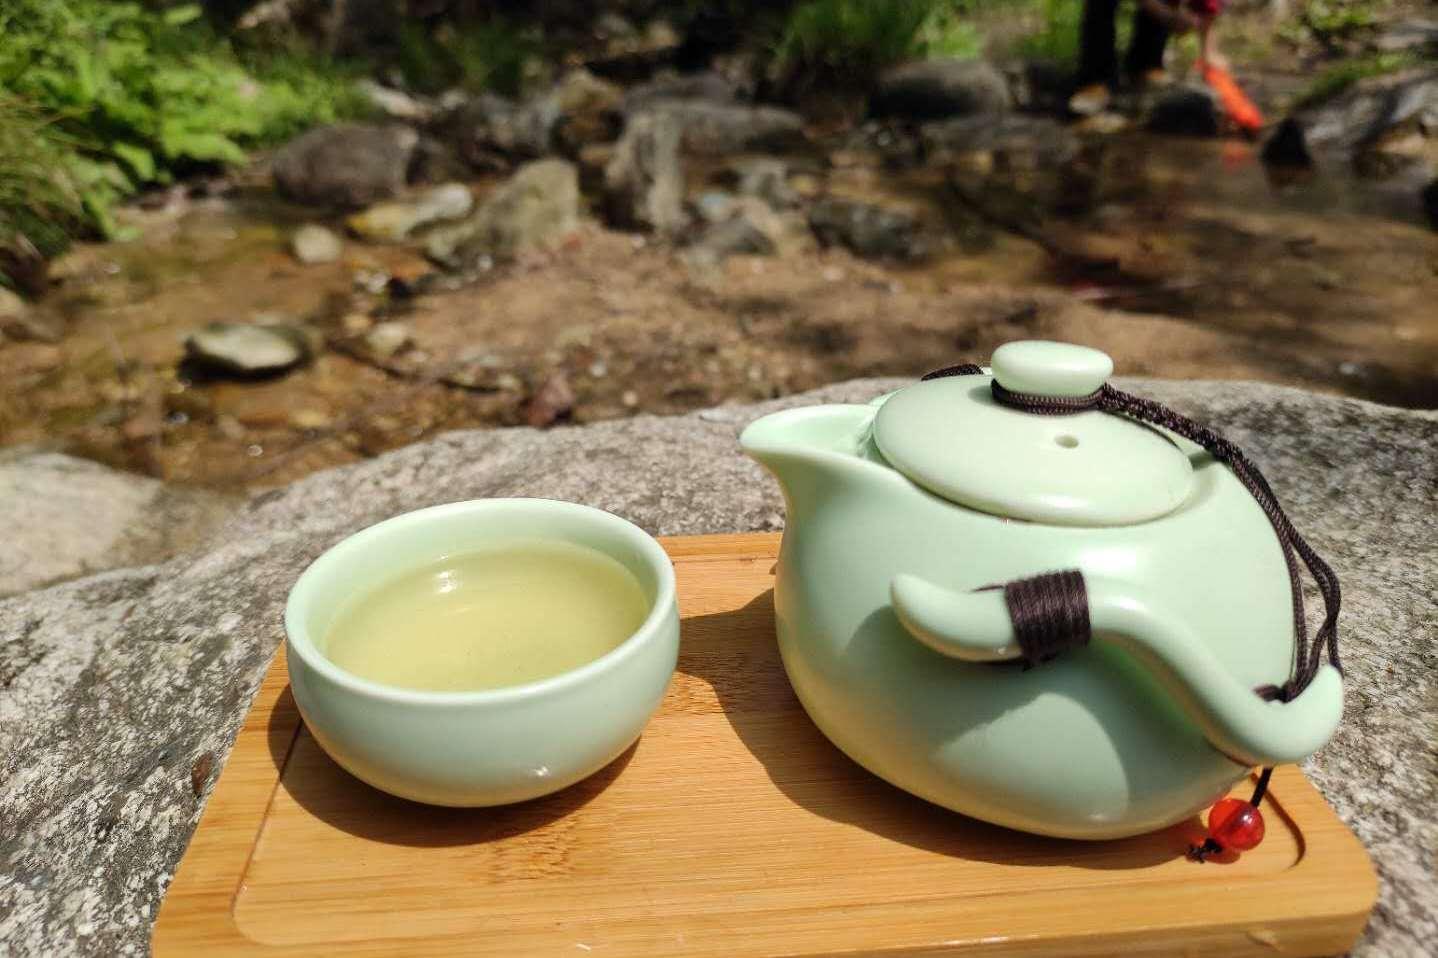 在秦岭终南山溪水边喝茶,看着蓝天白云,听着美妙的水声都是享受